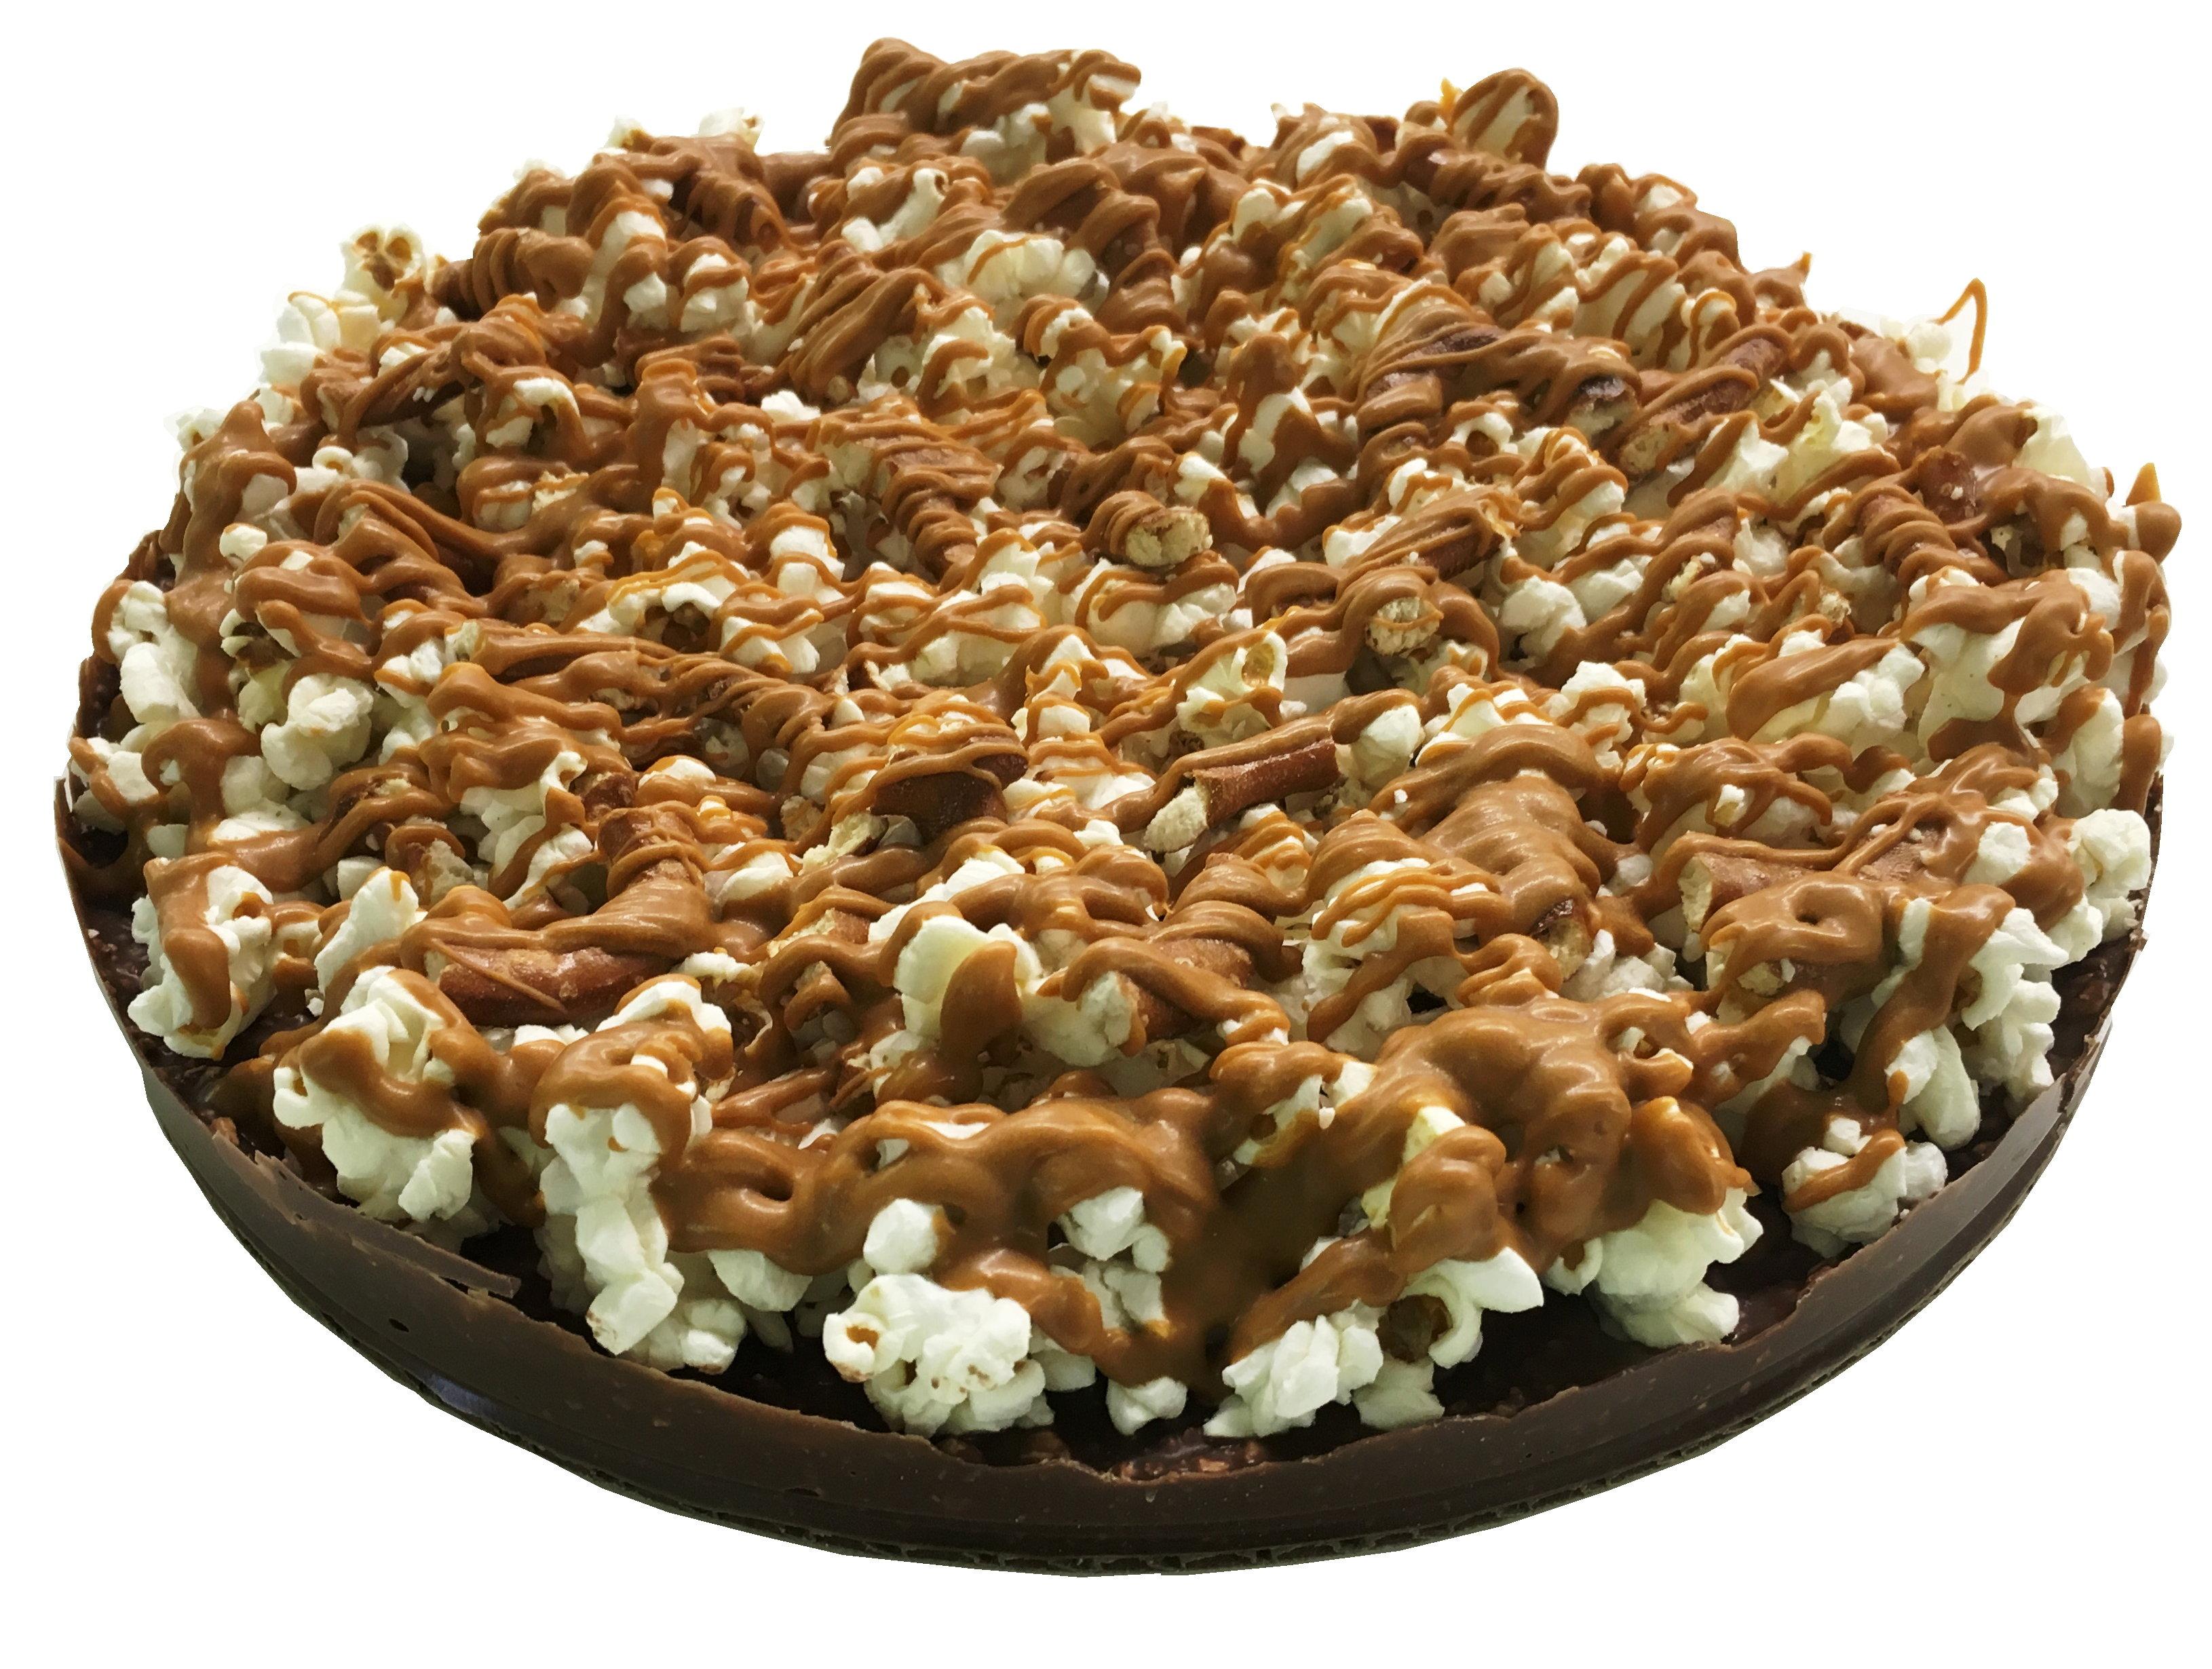 Gourmet Chocolate Pizza - Pizazz™ - Supreme - Sea Salt Caramel - Wholesale W-PZSUCA